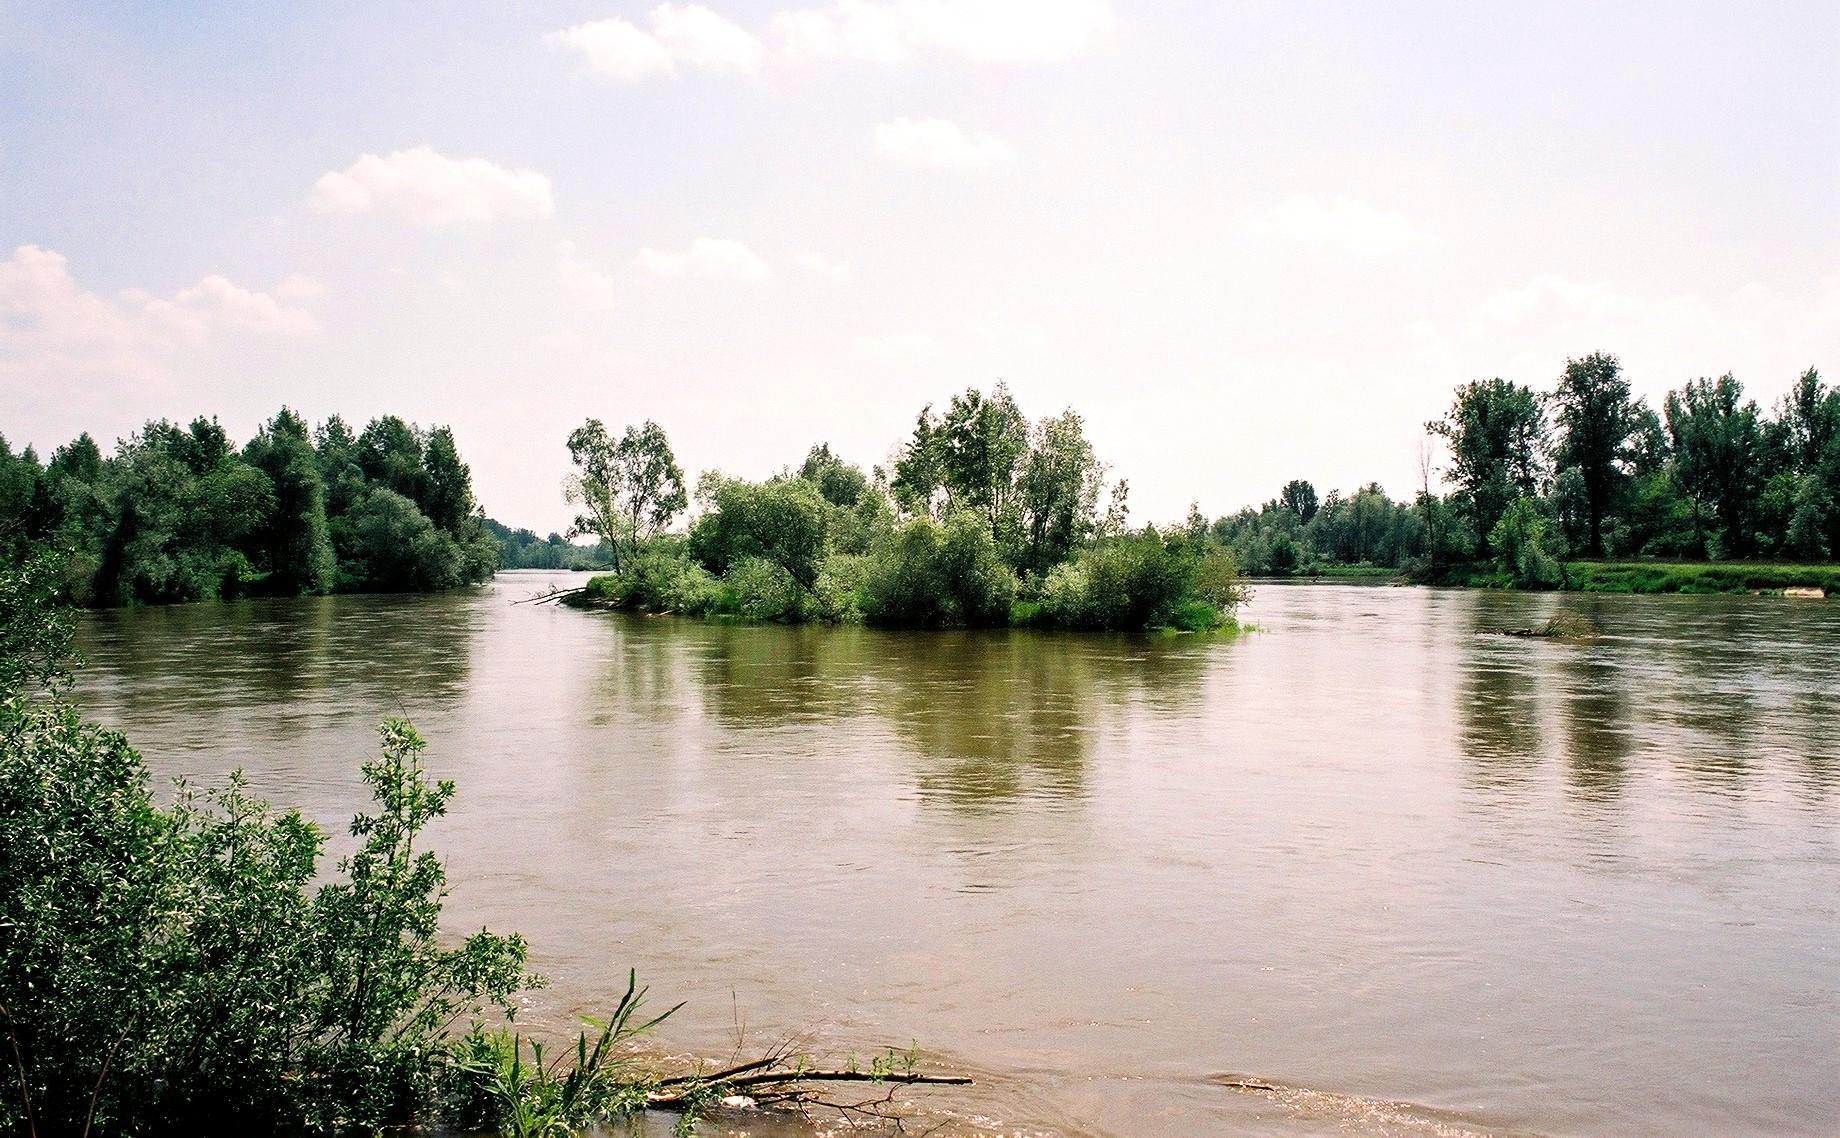 Rezerwat faunistyczny Wyspy Zawadowskie